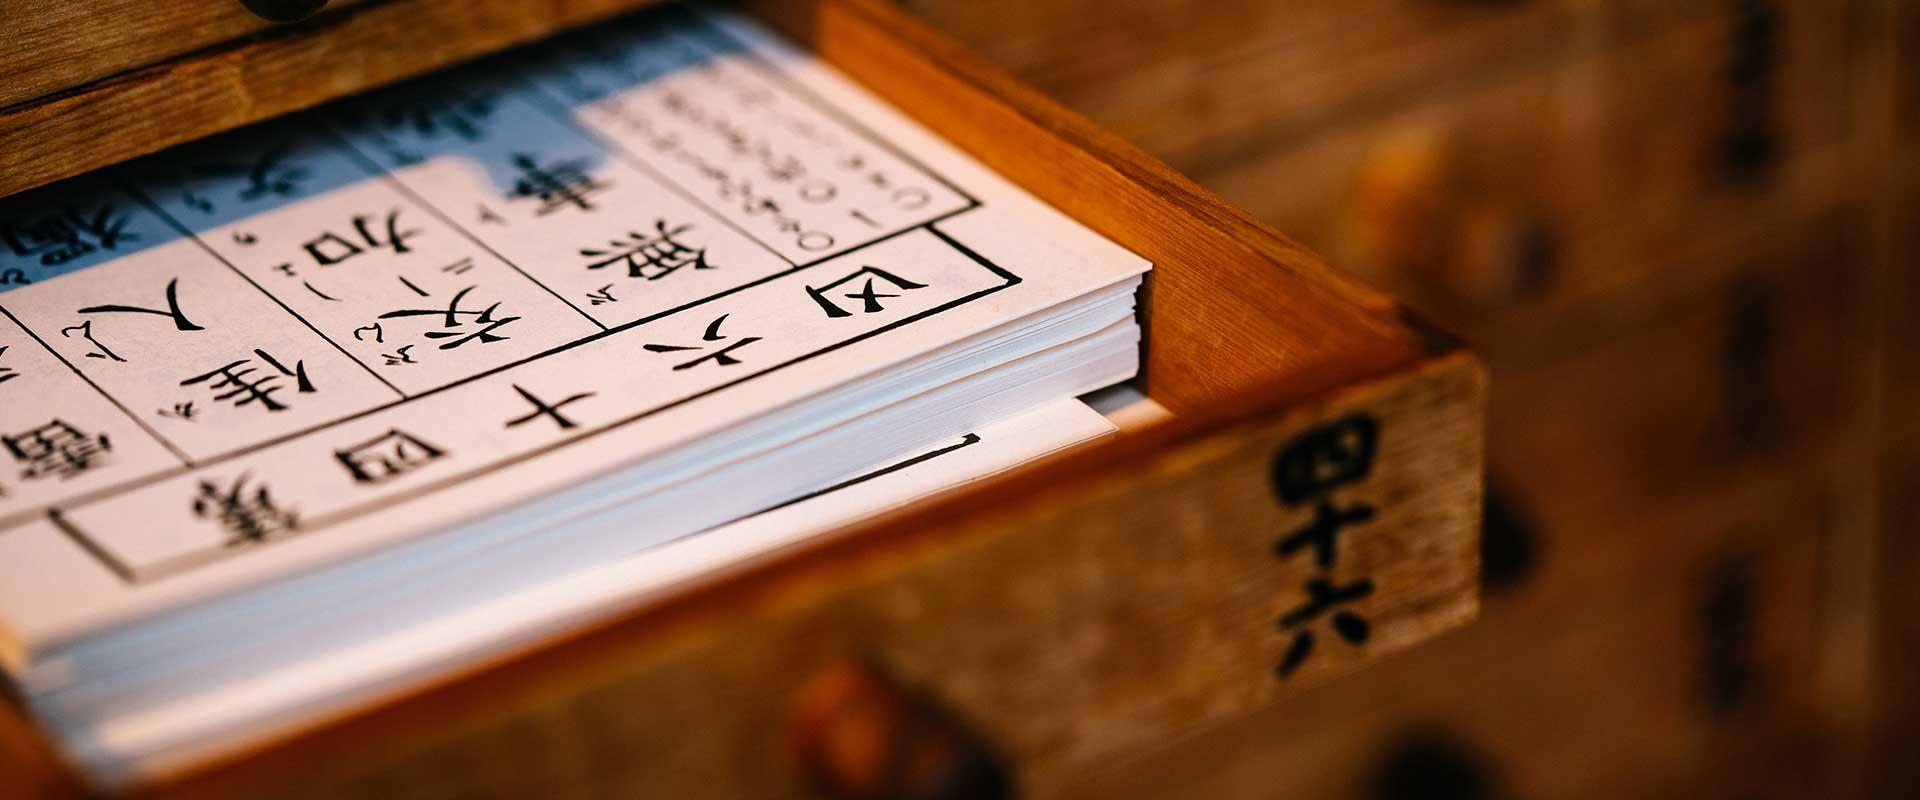 mtc medicina tradizionale cinese